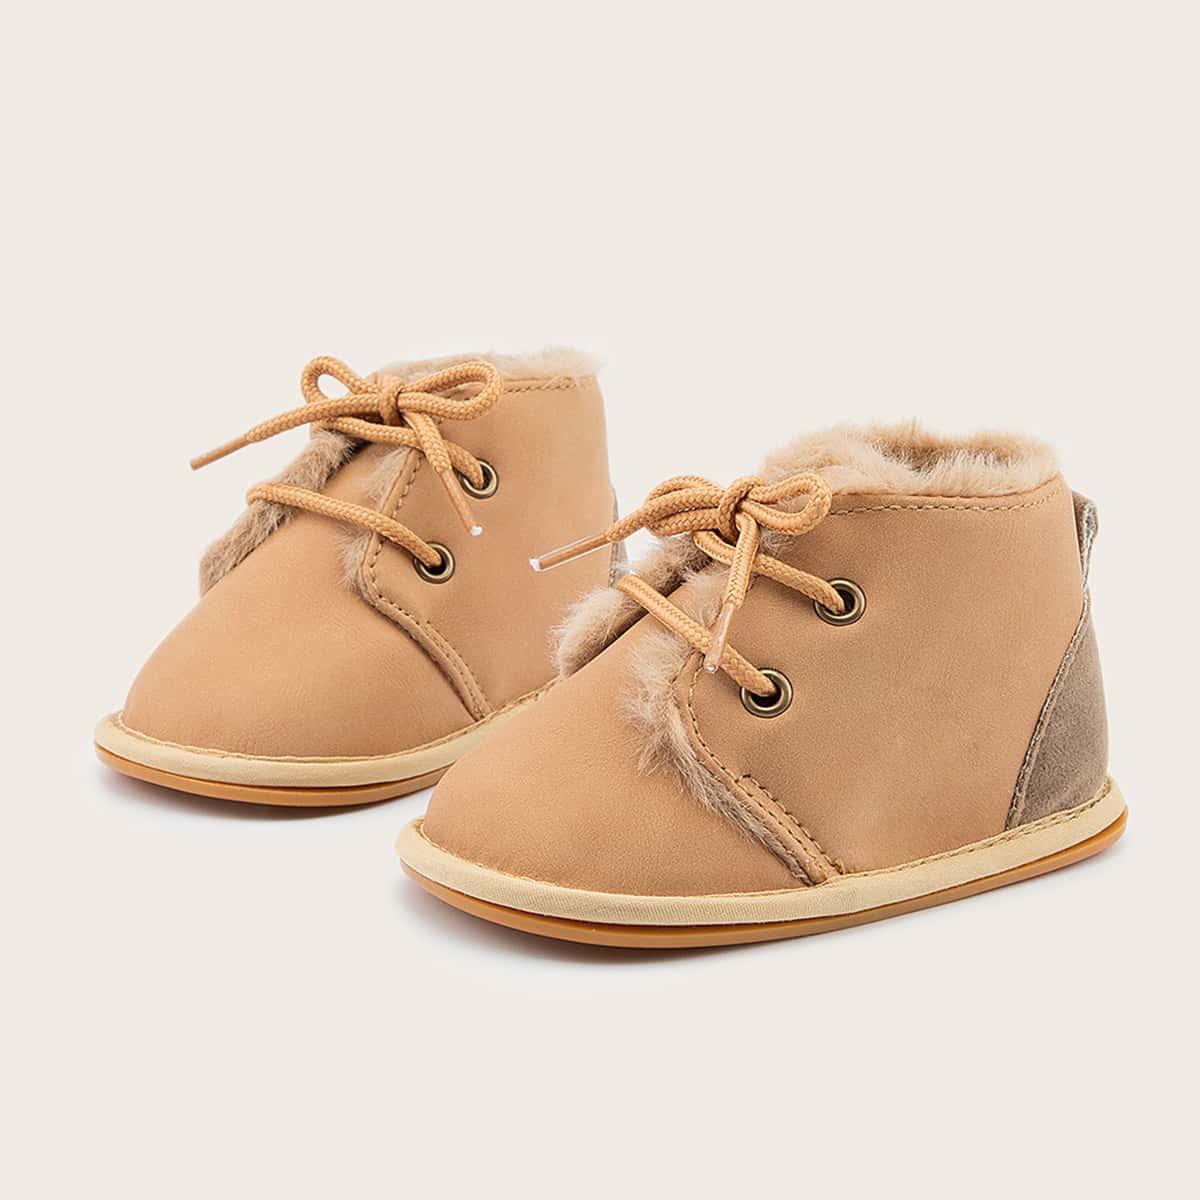 Теплые ботильоны на шнурках для девочек